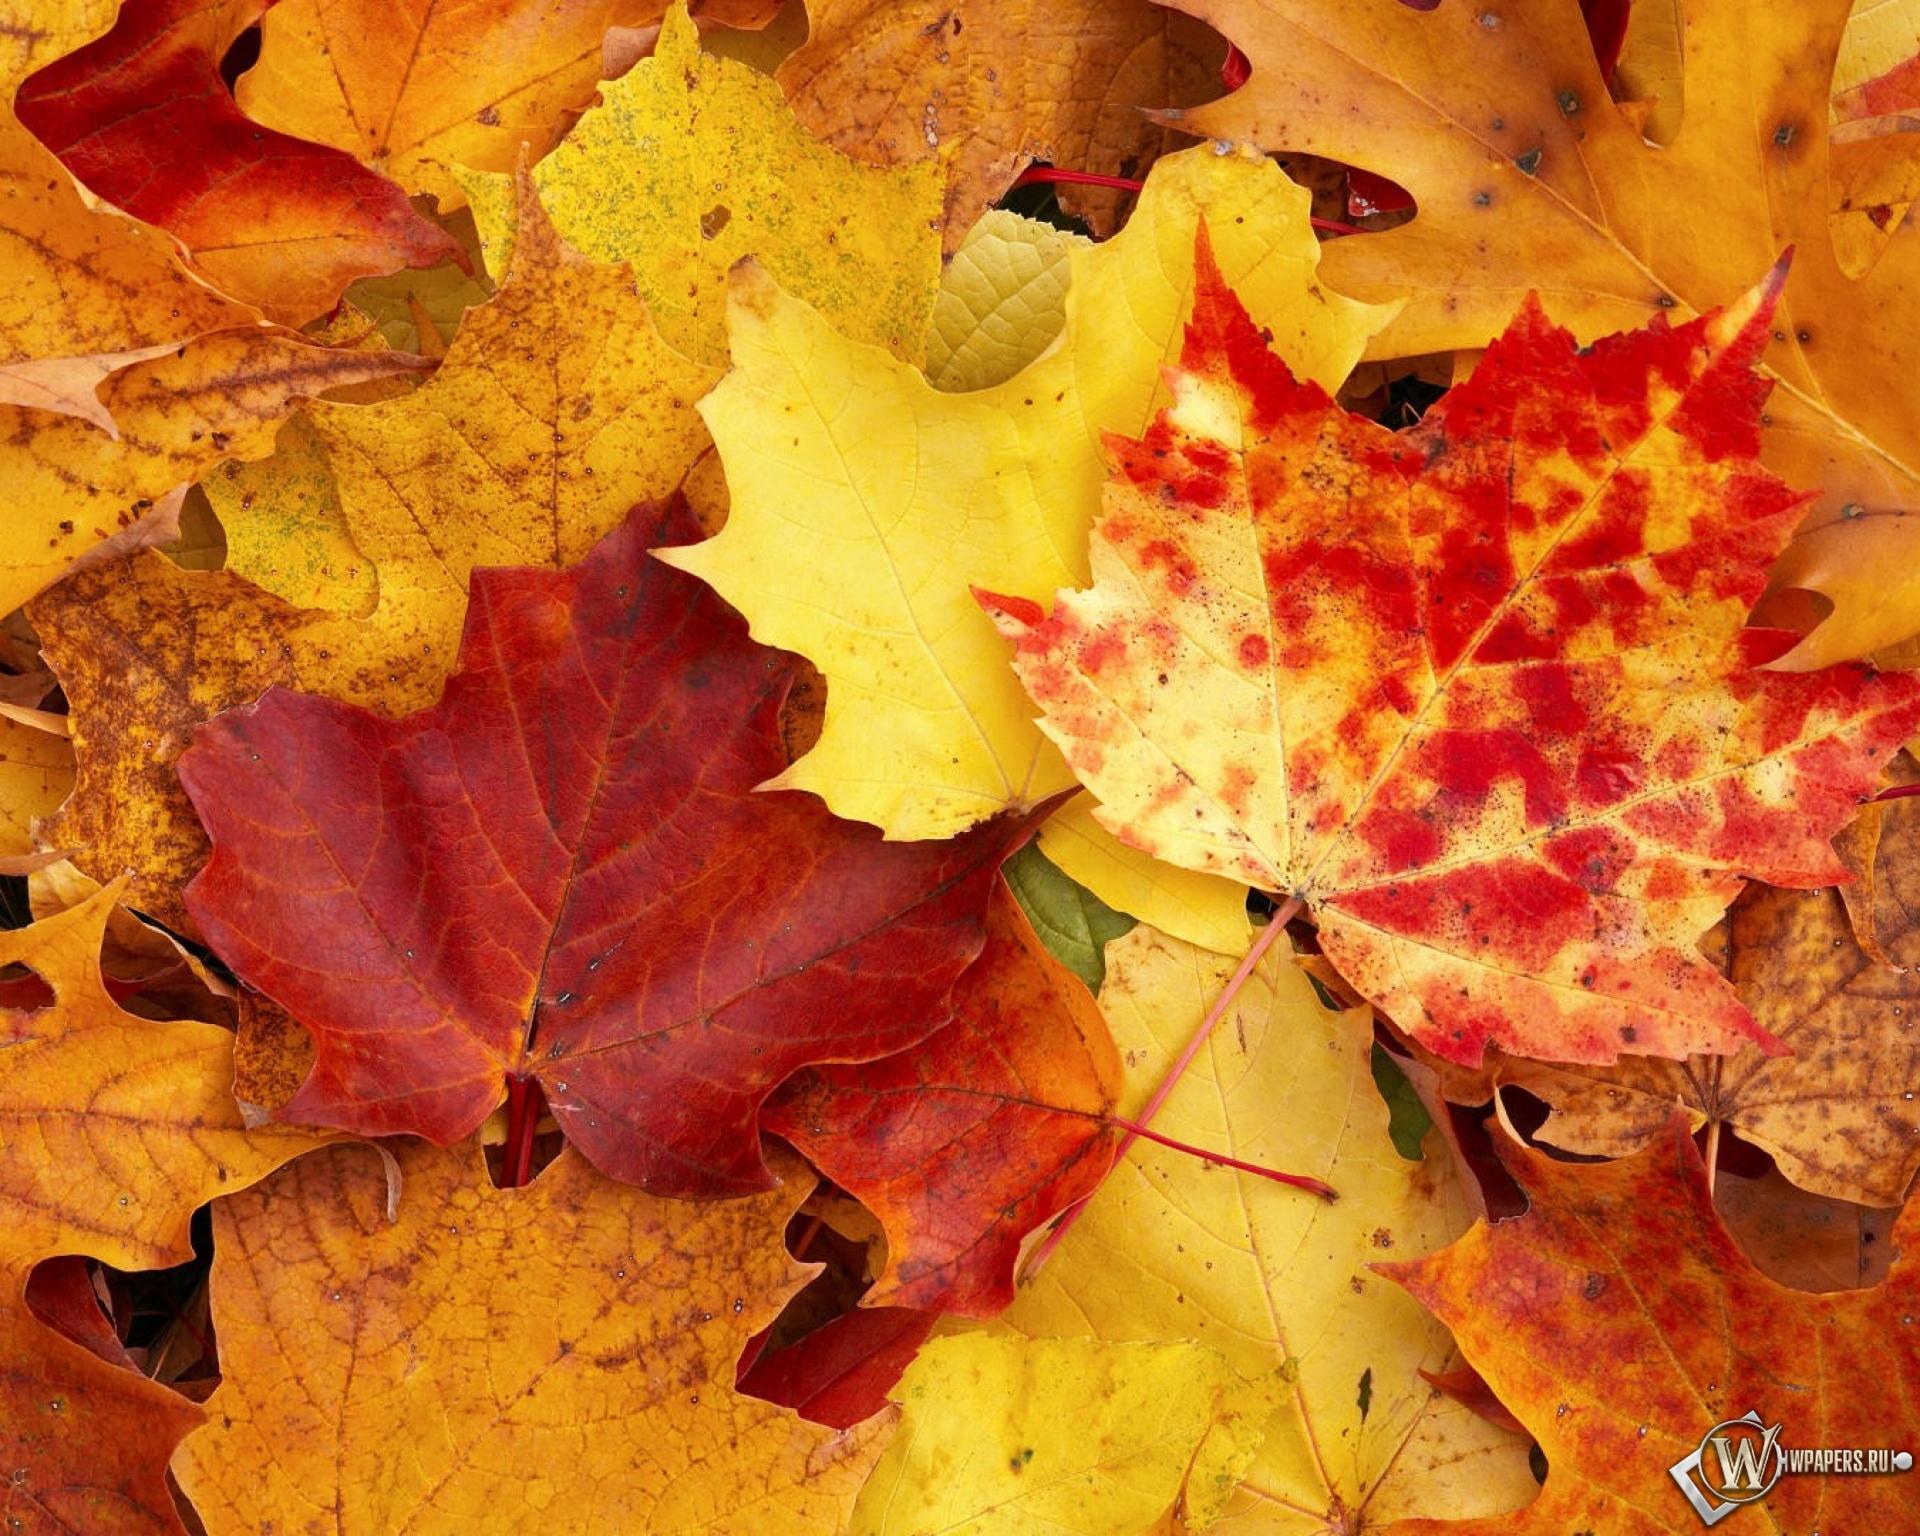 Широкоформатные обои Осенние листья 1920x1200 для рабочего